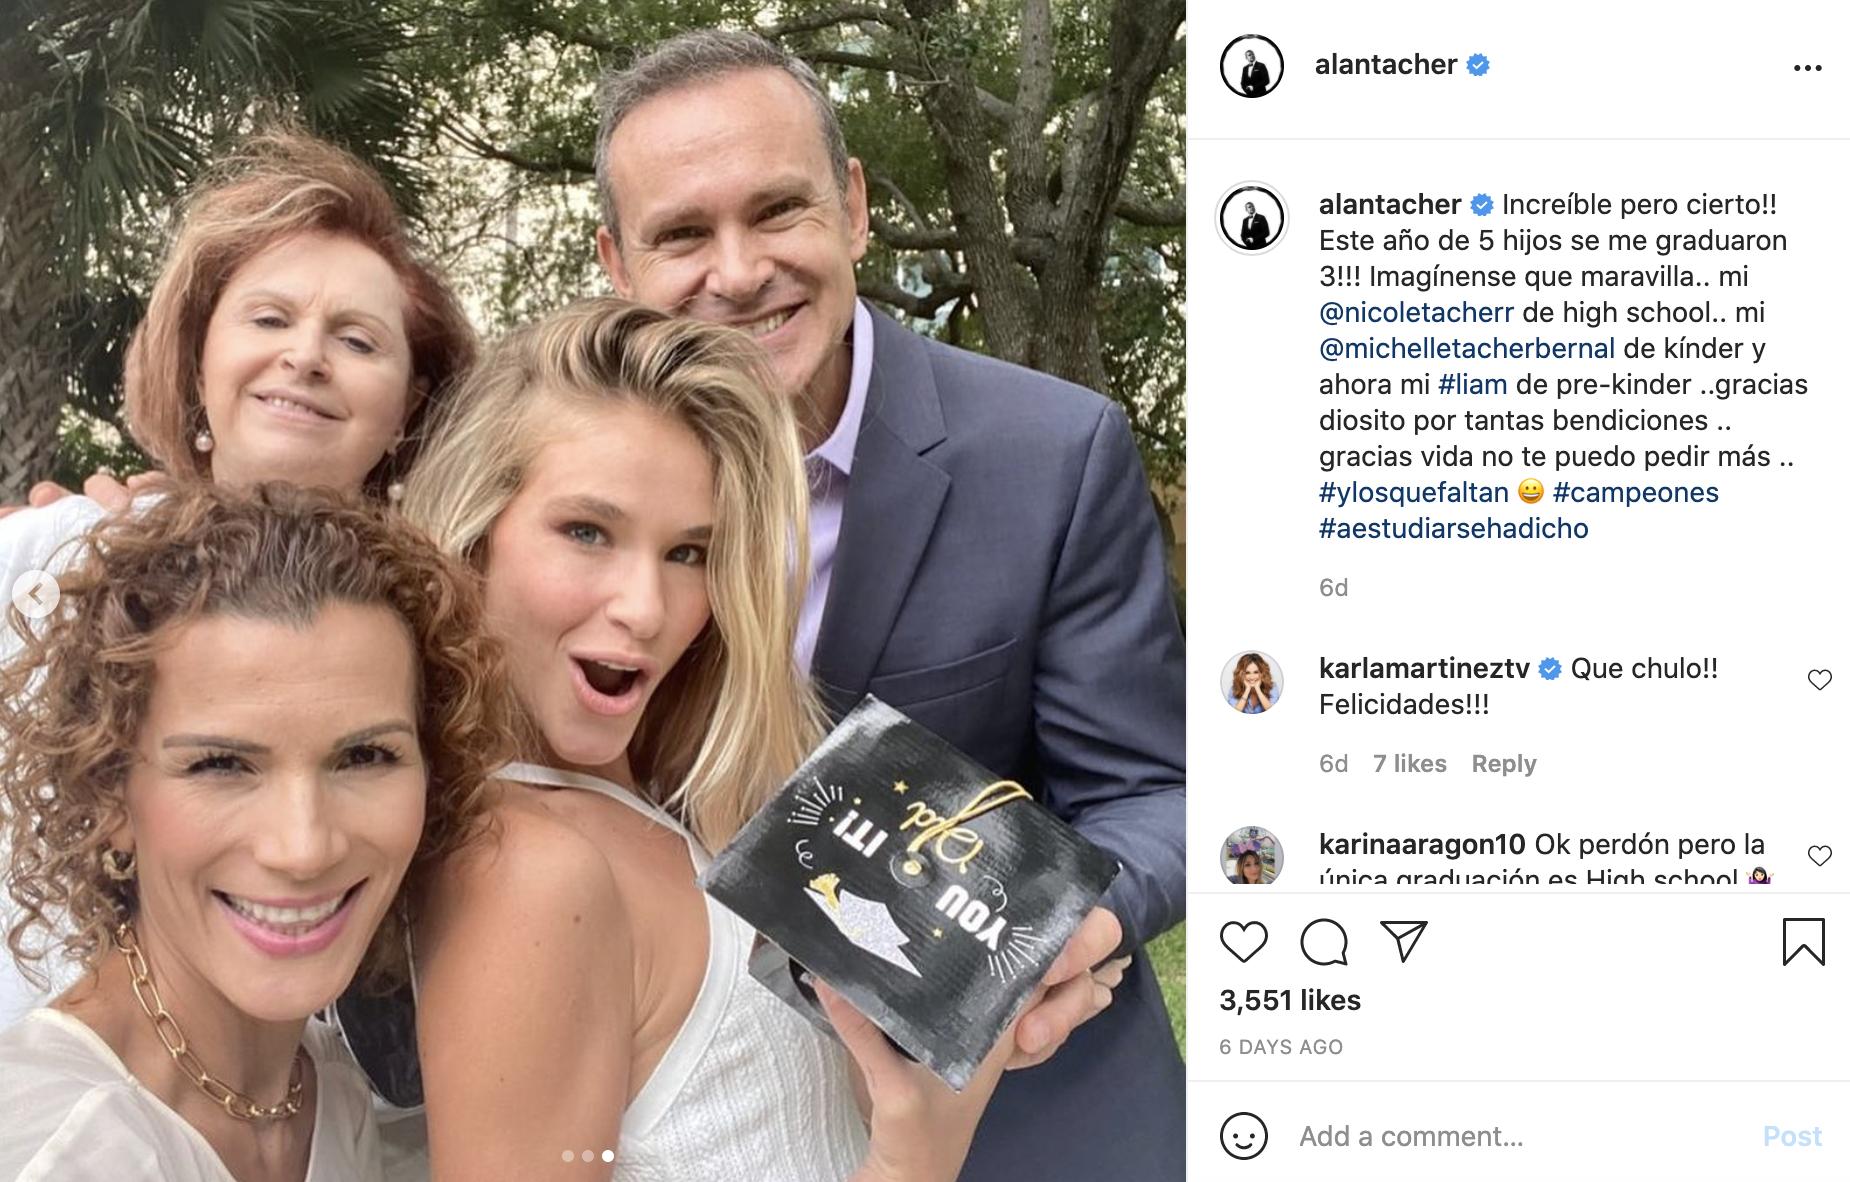 Se gradua Nicole la hija de Alan Tacher